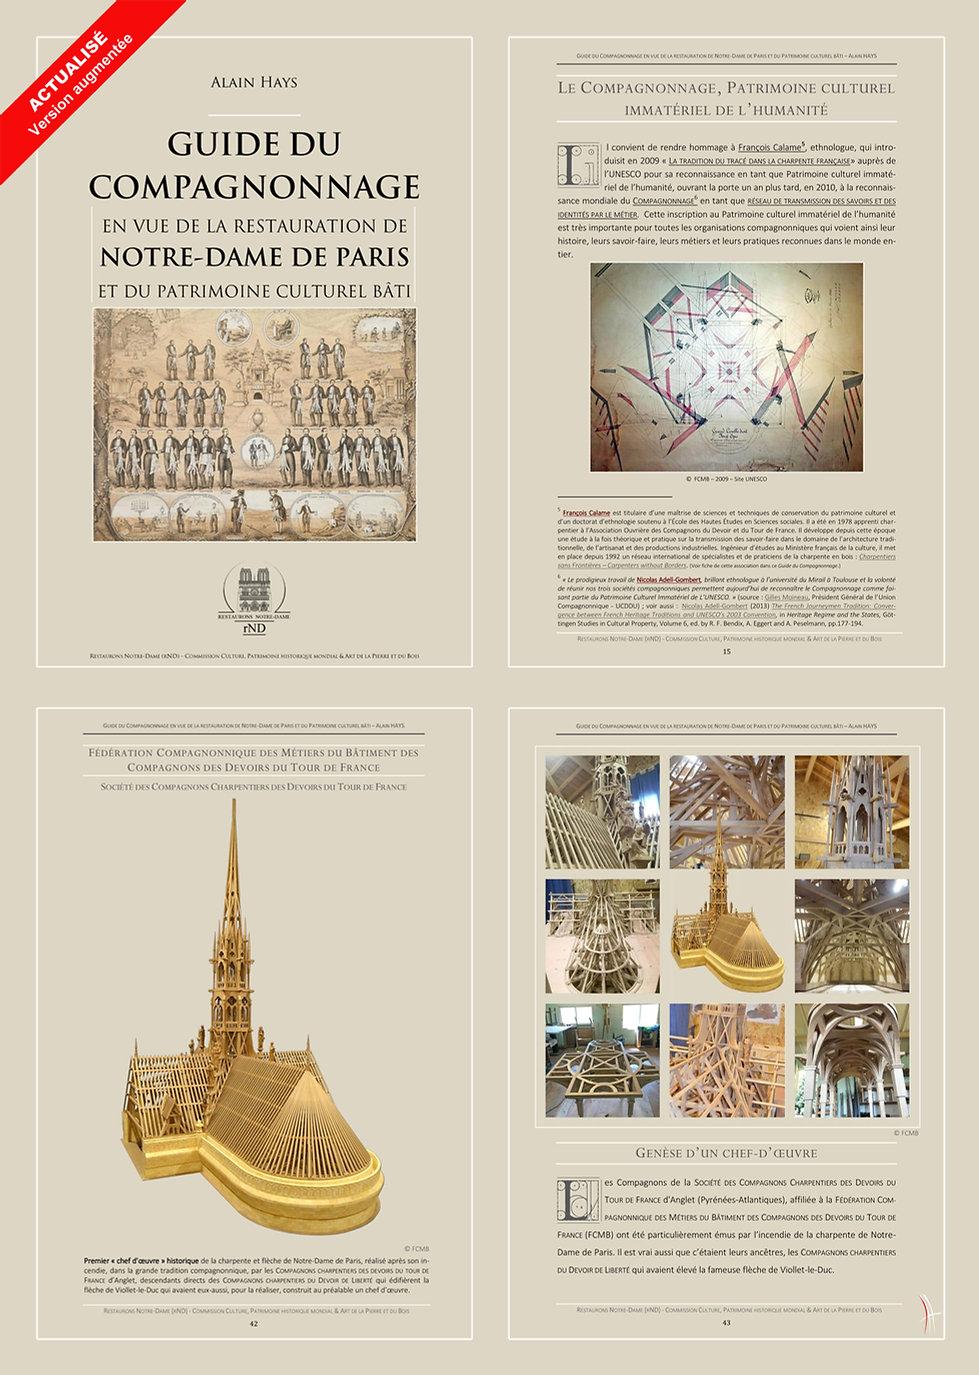 GUIDE DU COMPAGNONNAGE Actualisé Augmenté by Alain HAYS H 2533 pix.jpg